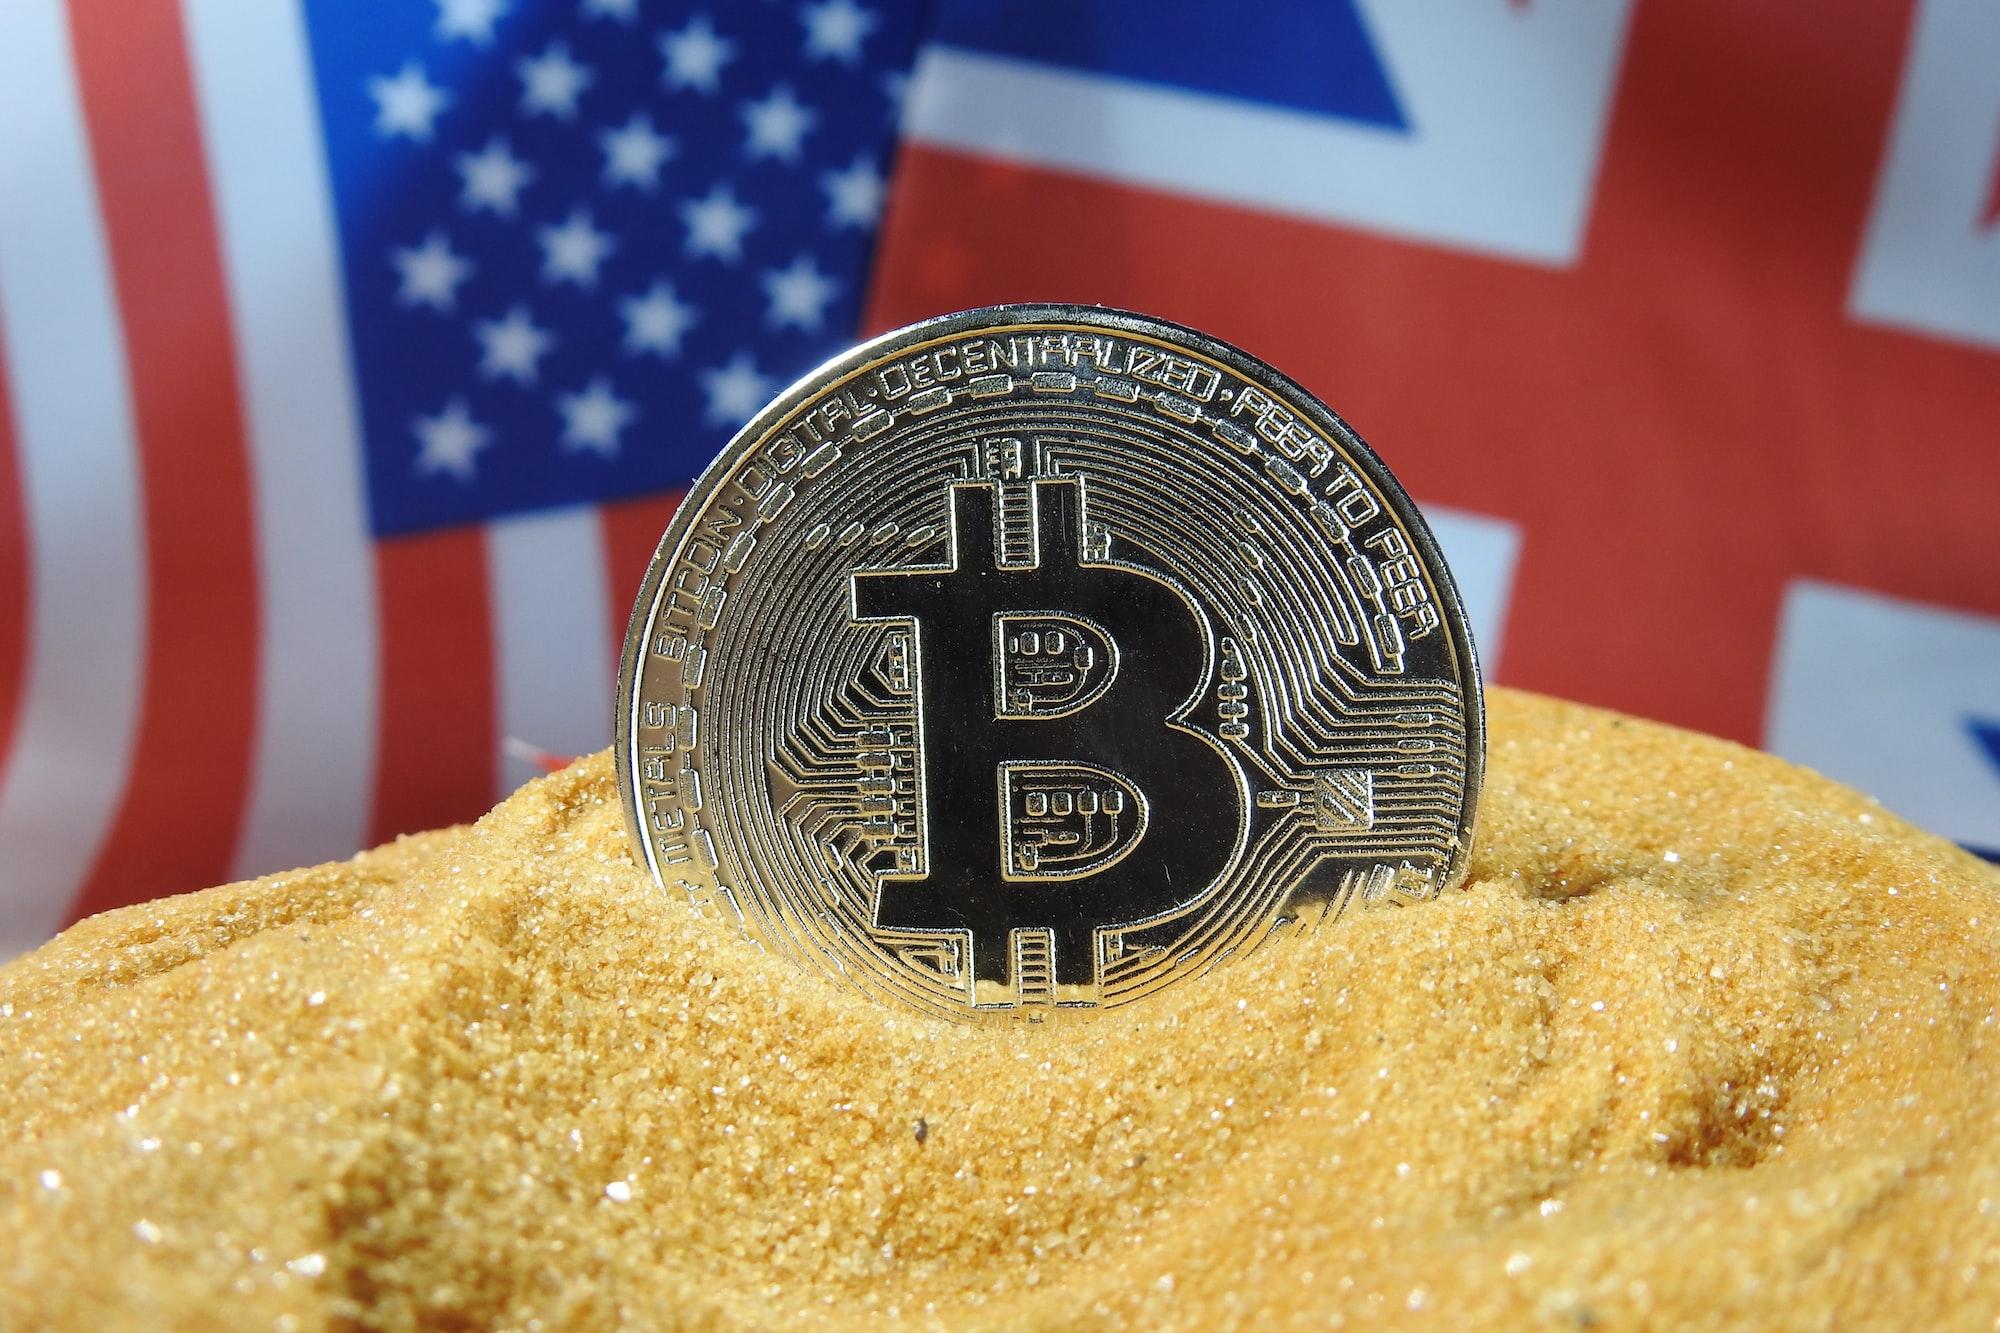 ชาวอเมริกันเพียง 7% เท่านั้นที่ซื้อ Bitcoin